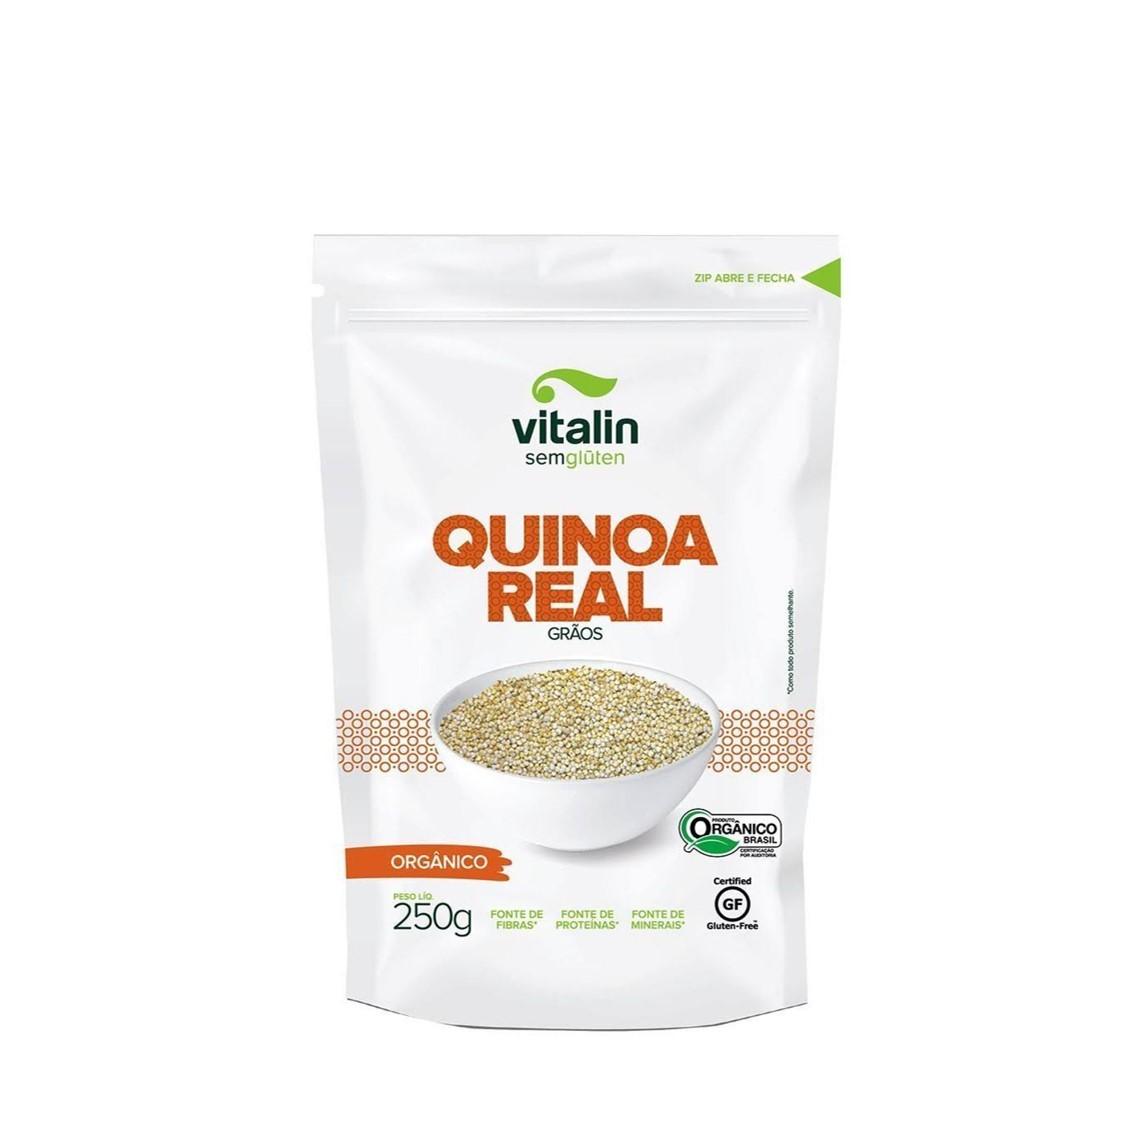 Quinoa em Grãos (250g) – Vitalin